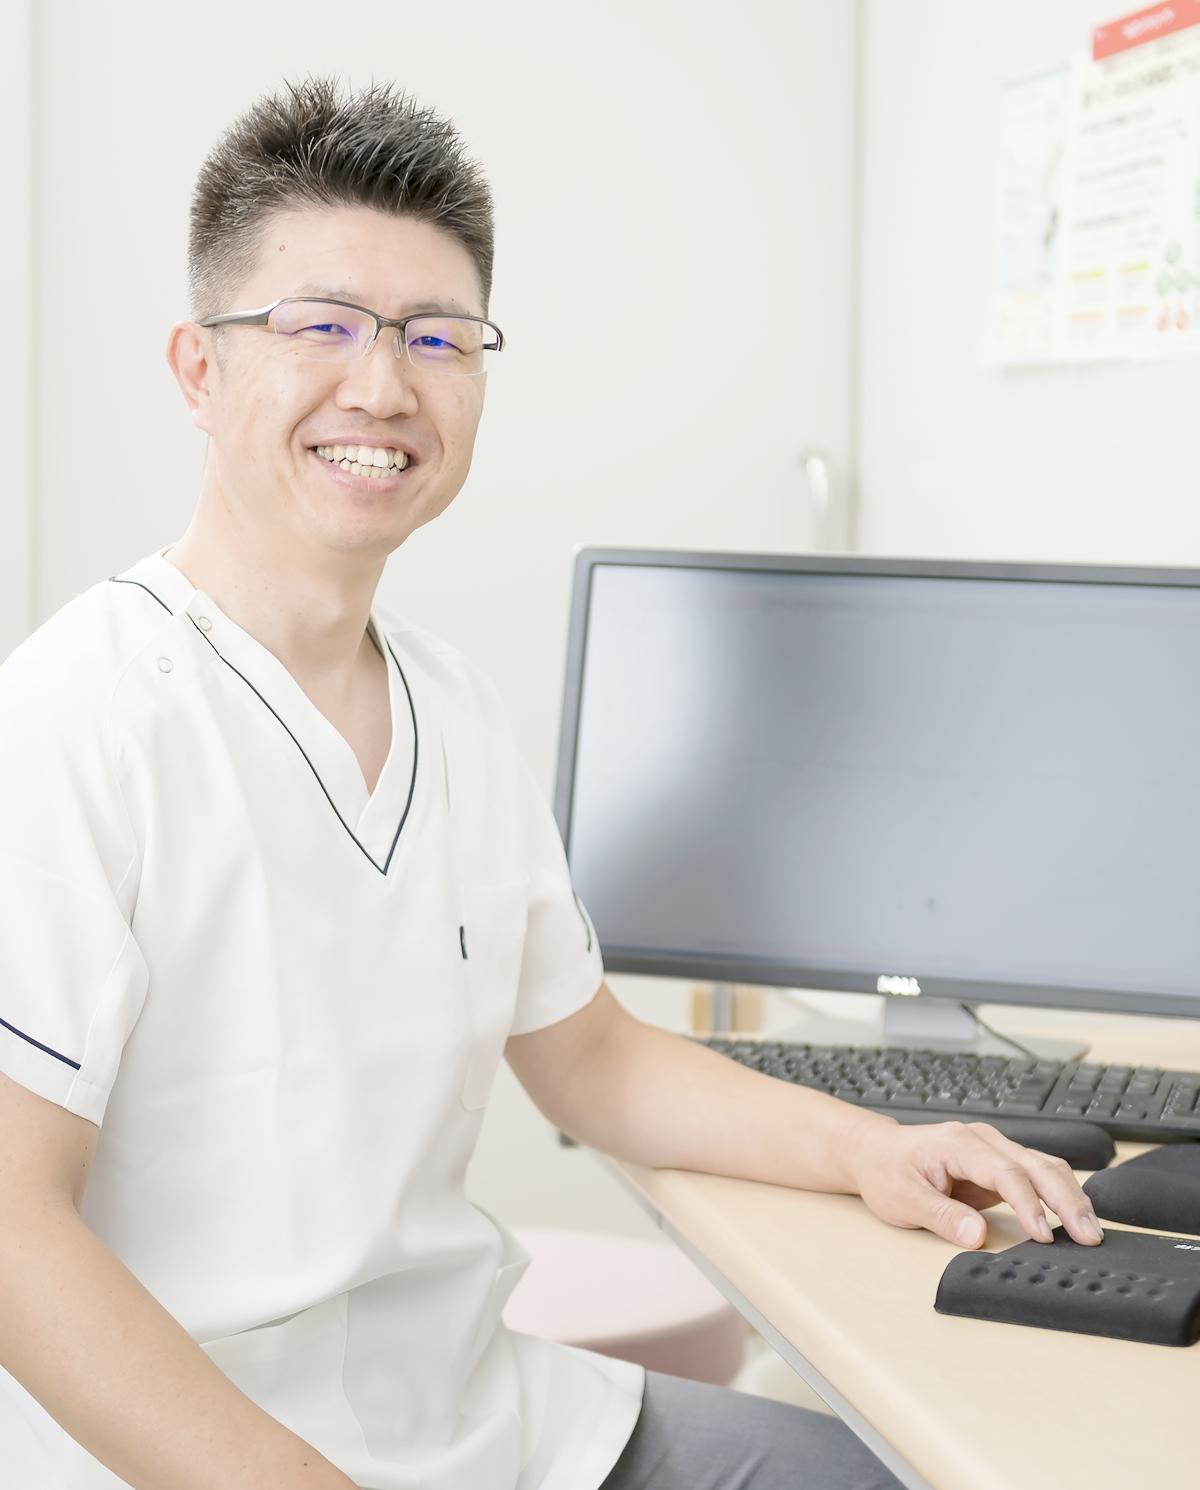 北新横浜整形外科・外科 院長 深川光彦